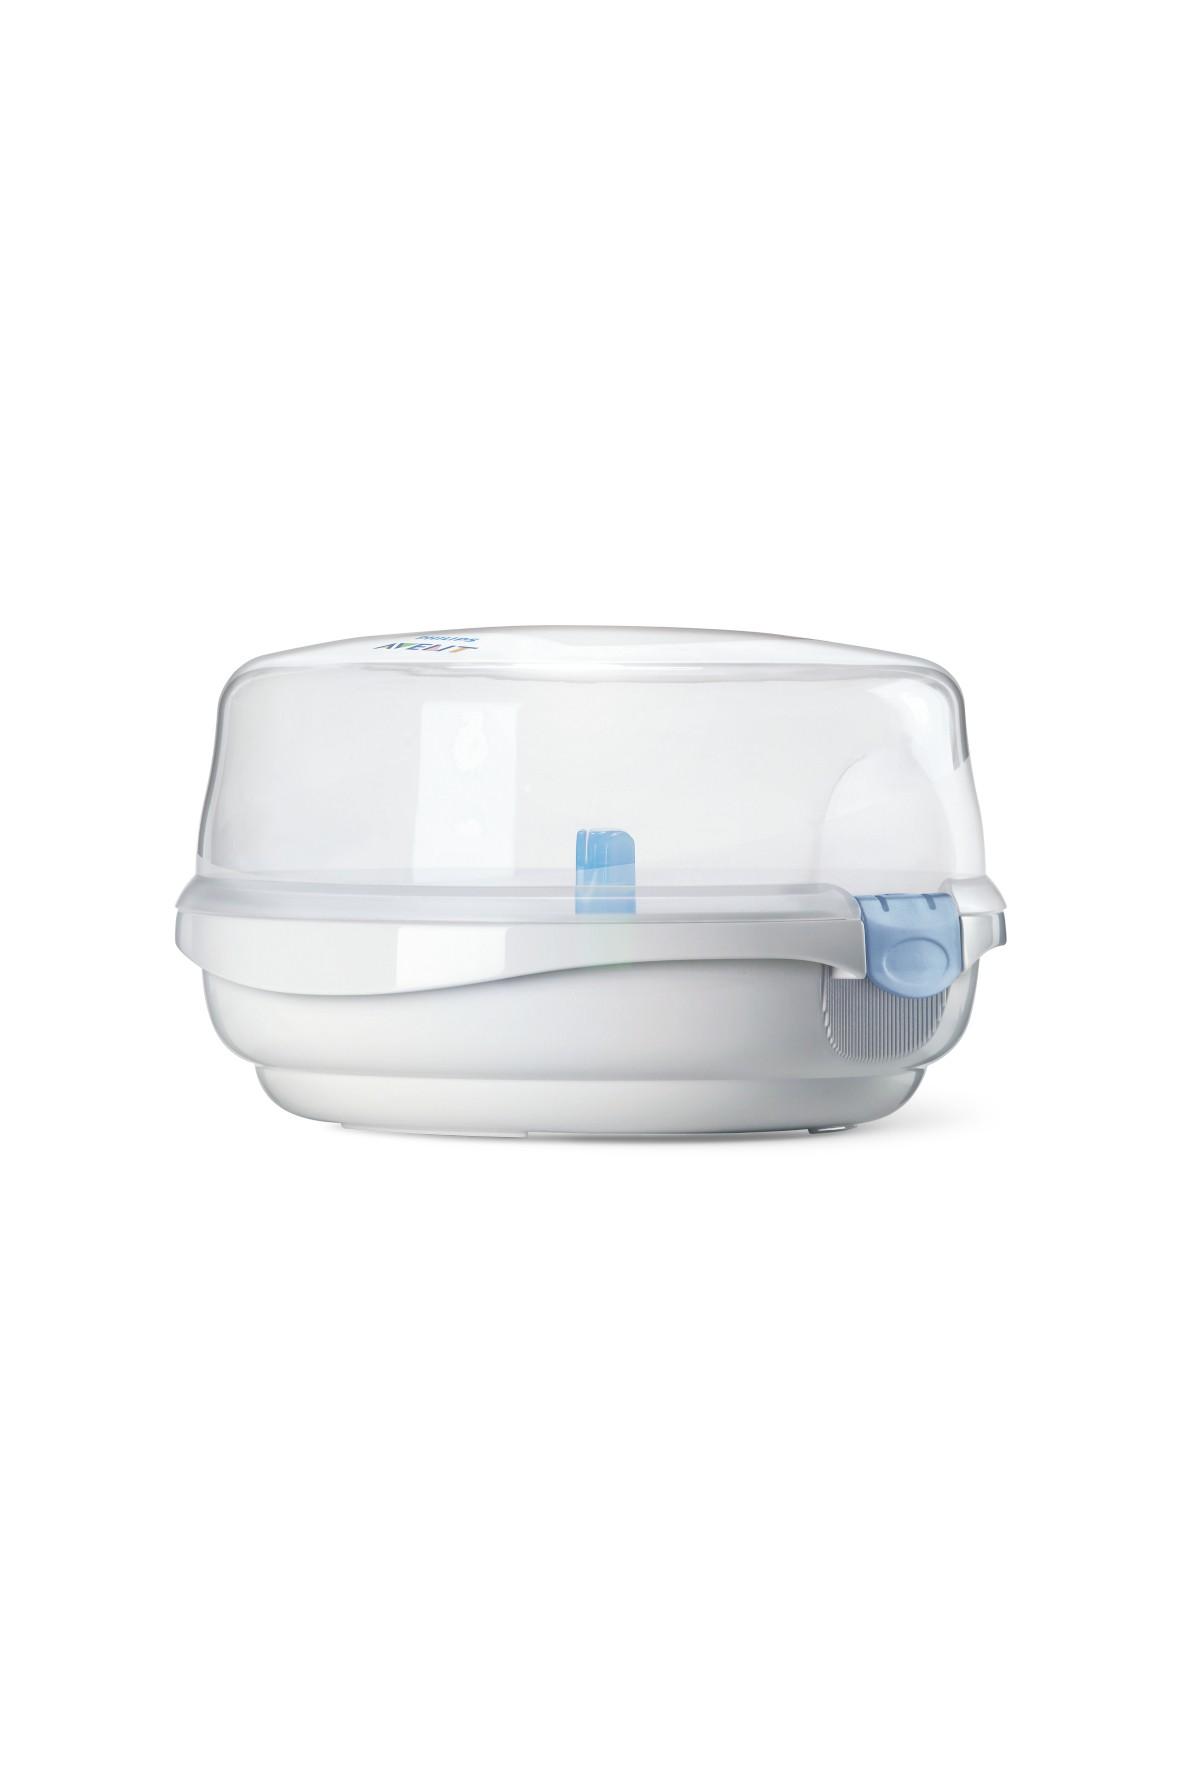 Mikrofalowy sterylizator parowy Avent